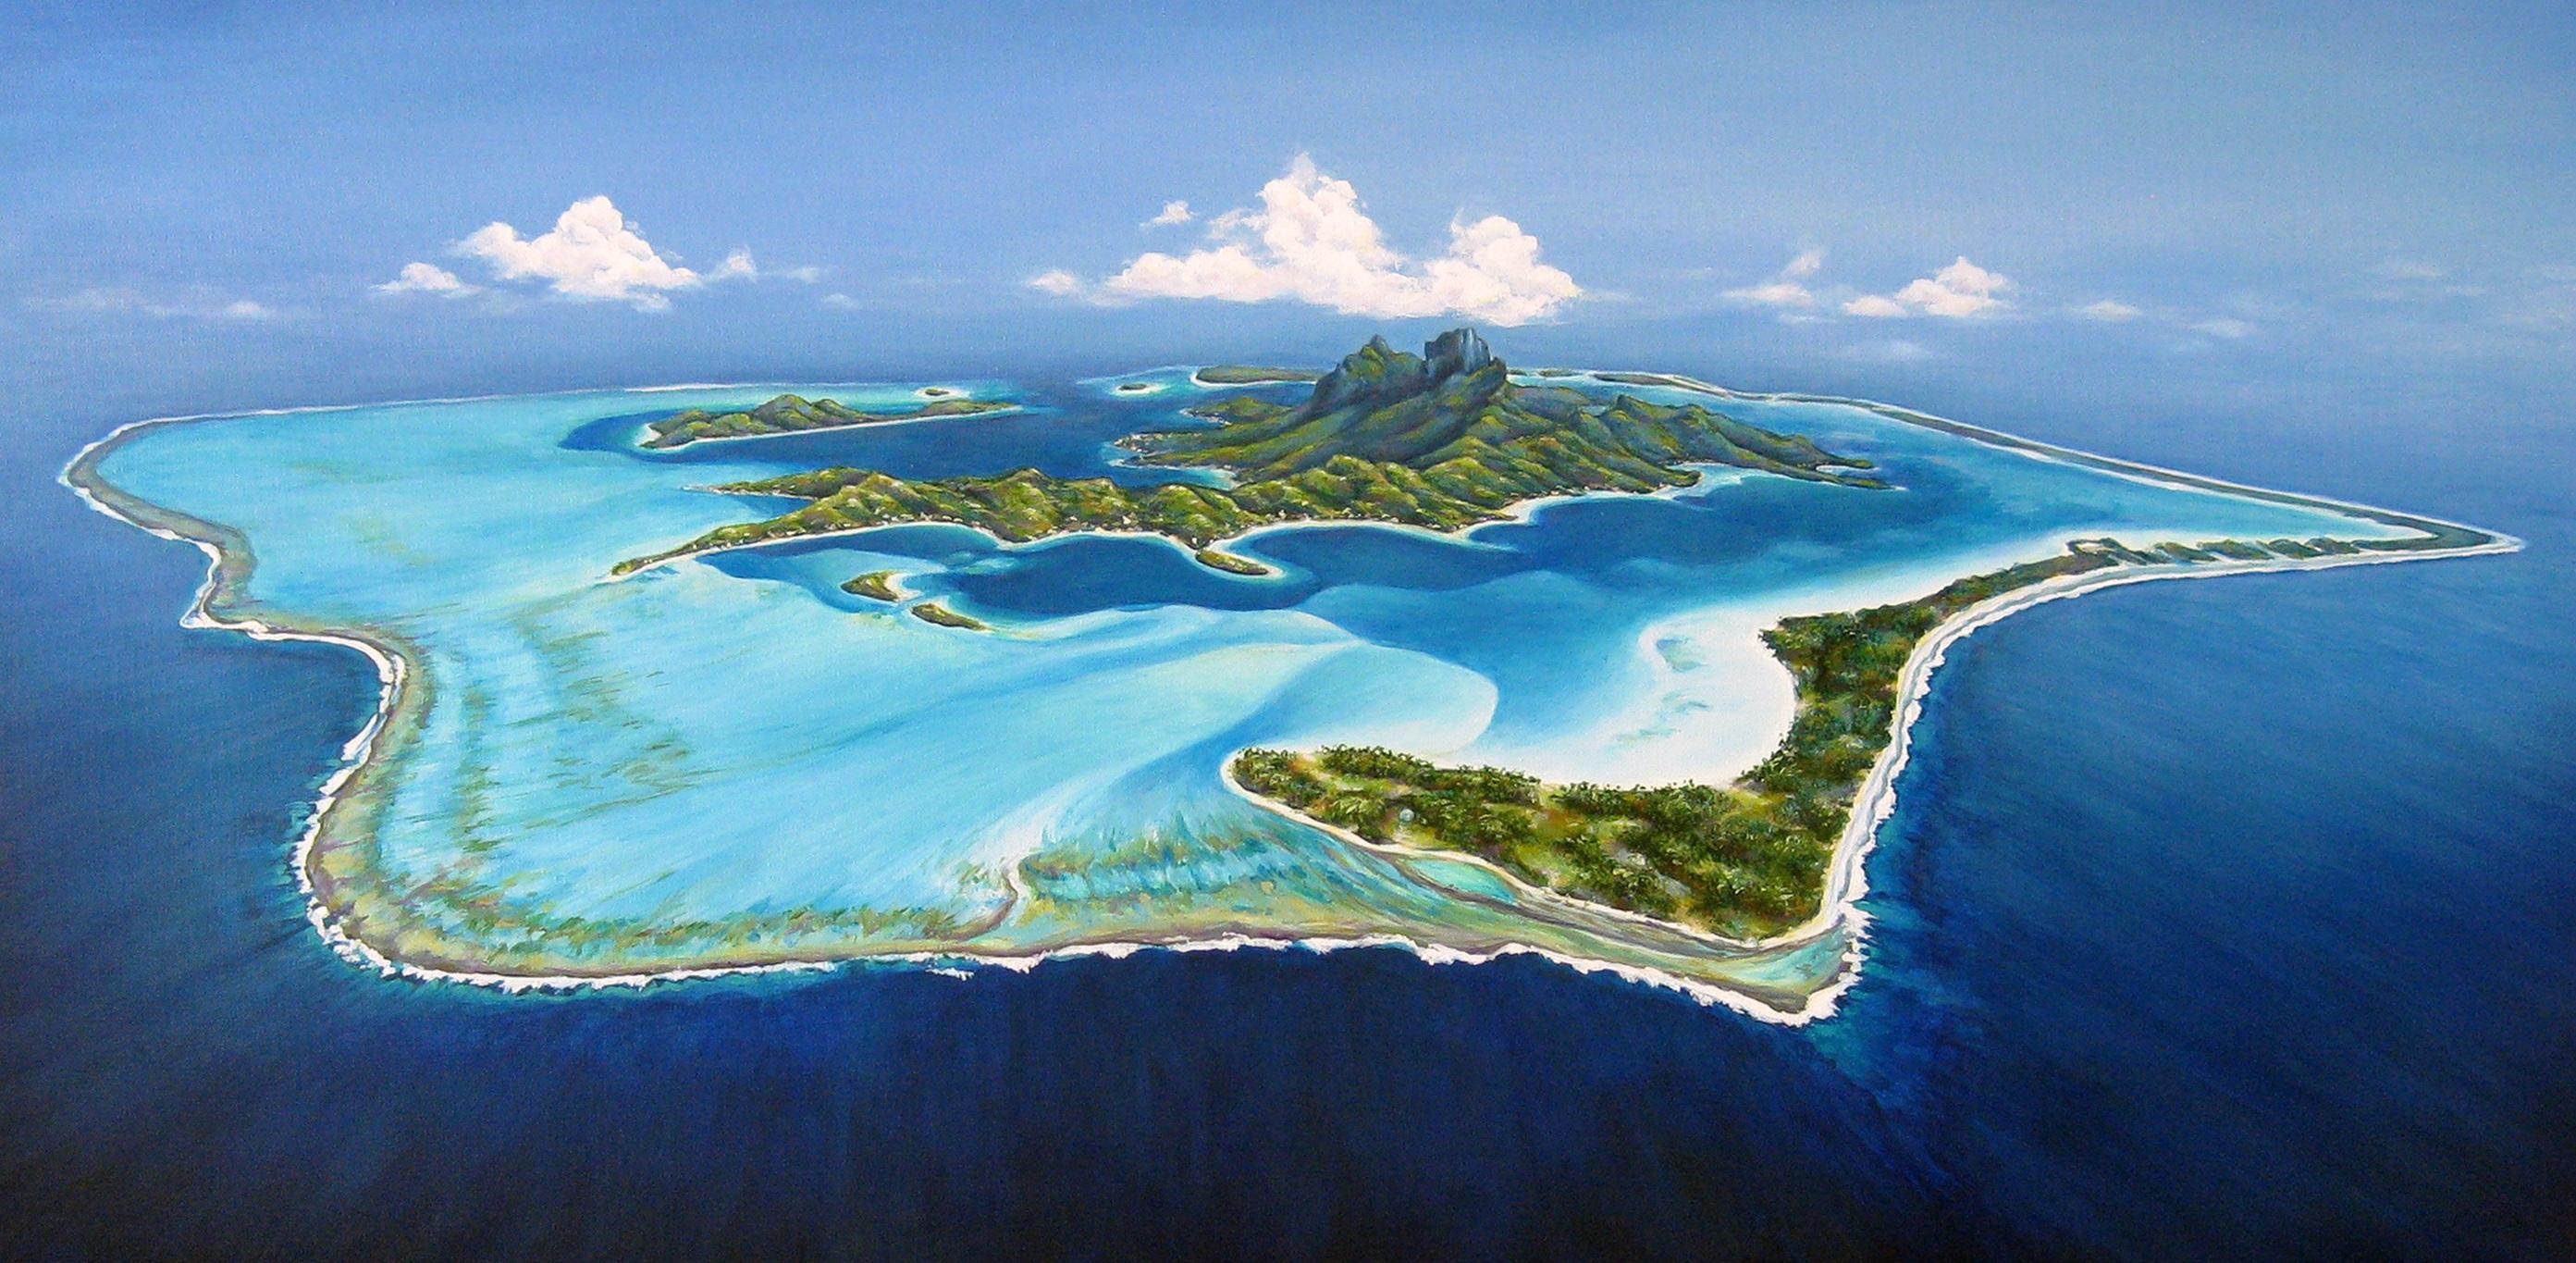 <p>Бора Бора, с тюркоазени лагуни, коралови рифове и надводни бунгала, този малък остров в южната част на Тихия океан е сочен за рая на Земята.</p>